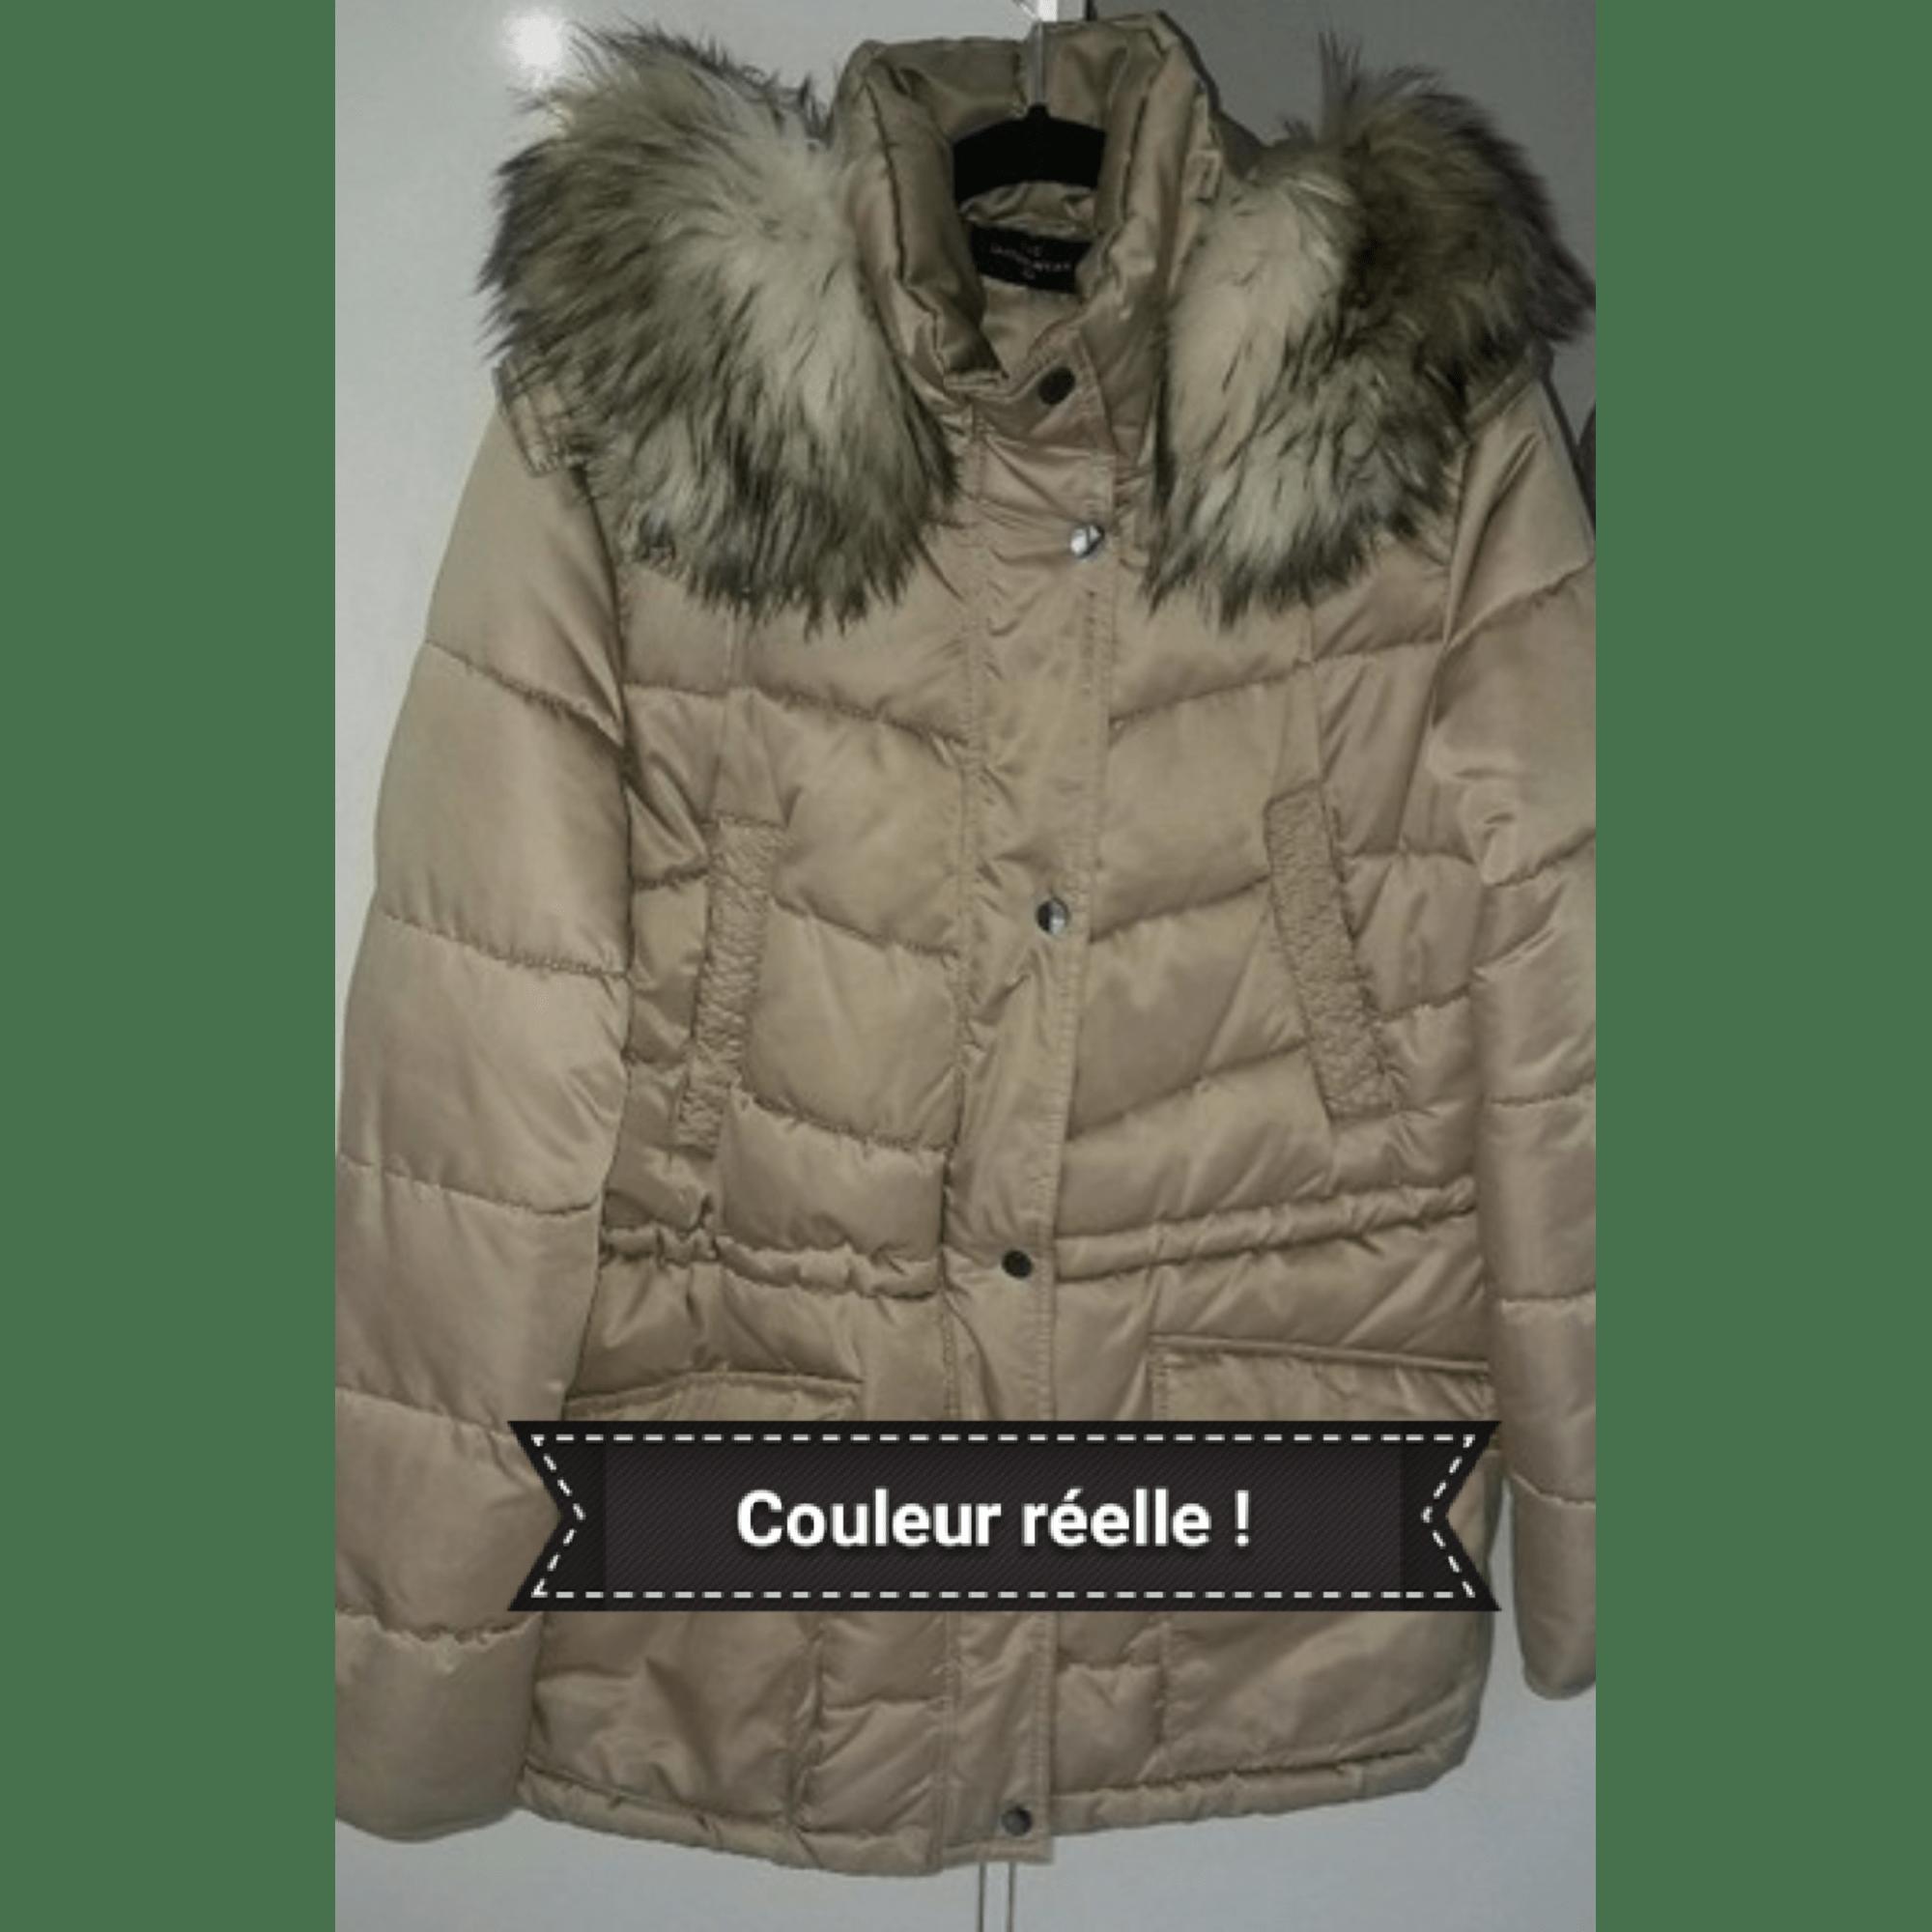 Anorak dans plusieurs couleurs et tailles | E Shop C&A